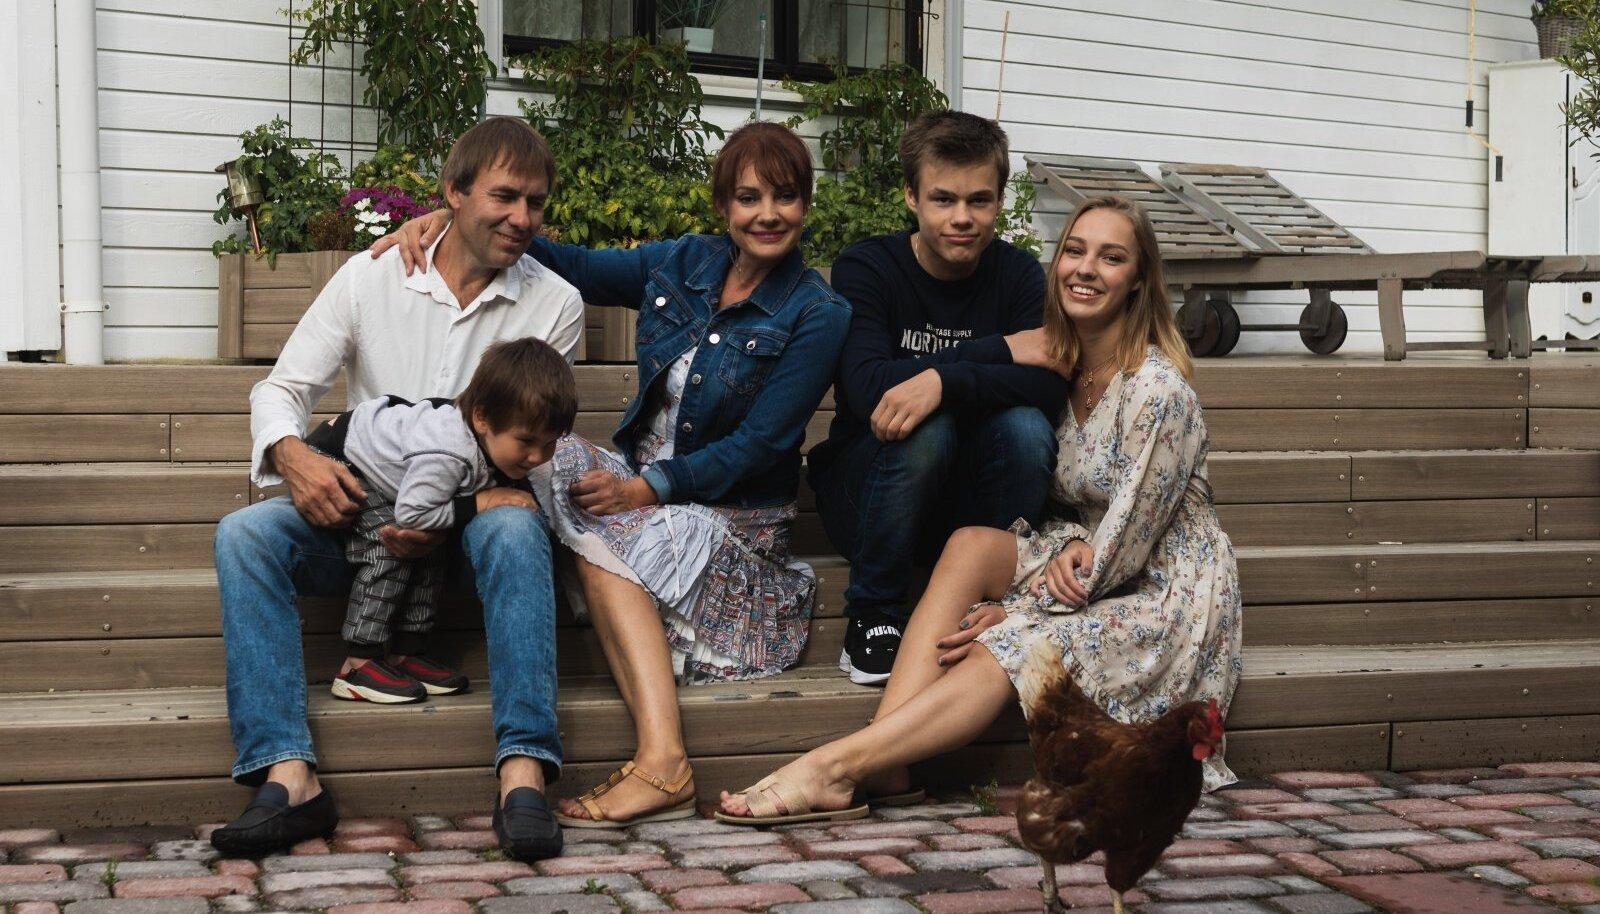 Sel suvel kodumaja trepil (vasakult) pereisa Marek Pihelpuu, pesamuna Ramses Pihelpuu, Marika Korolev-Pihelpuu, Raul Korolev ja Annabel Korolev